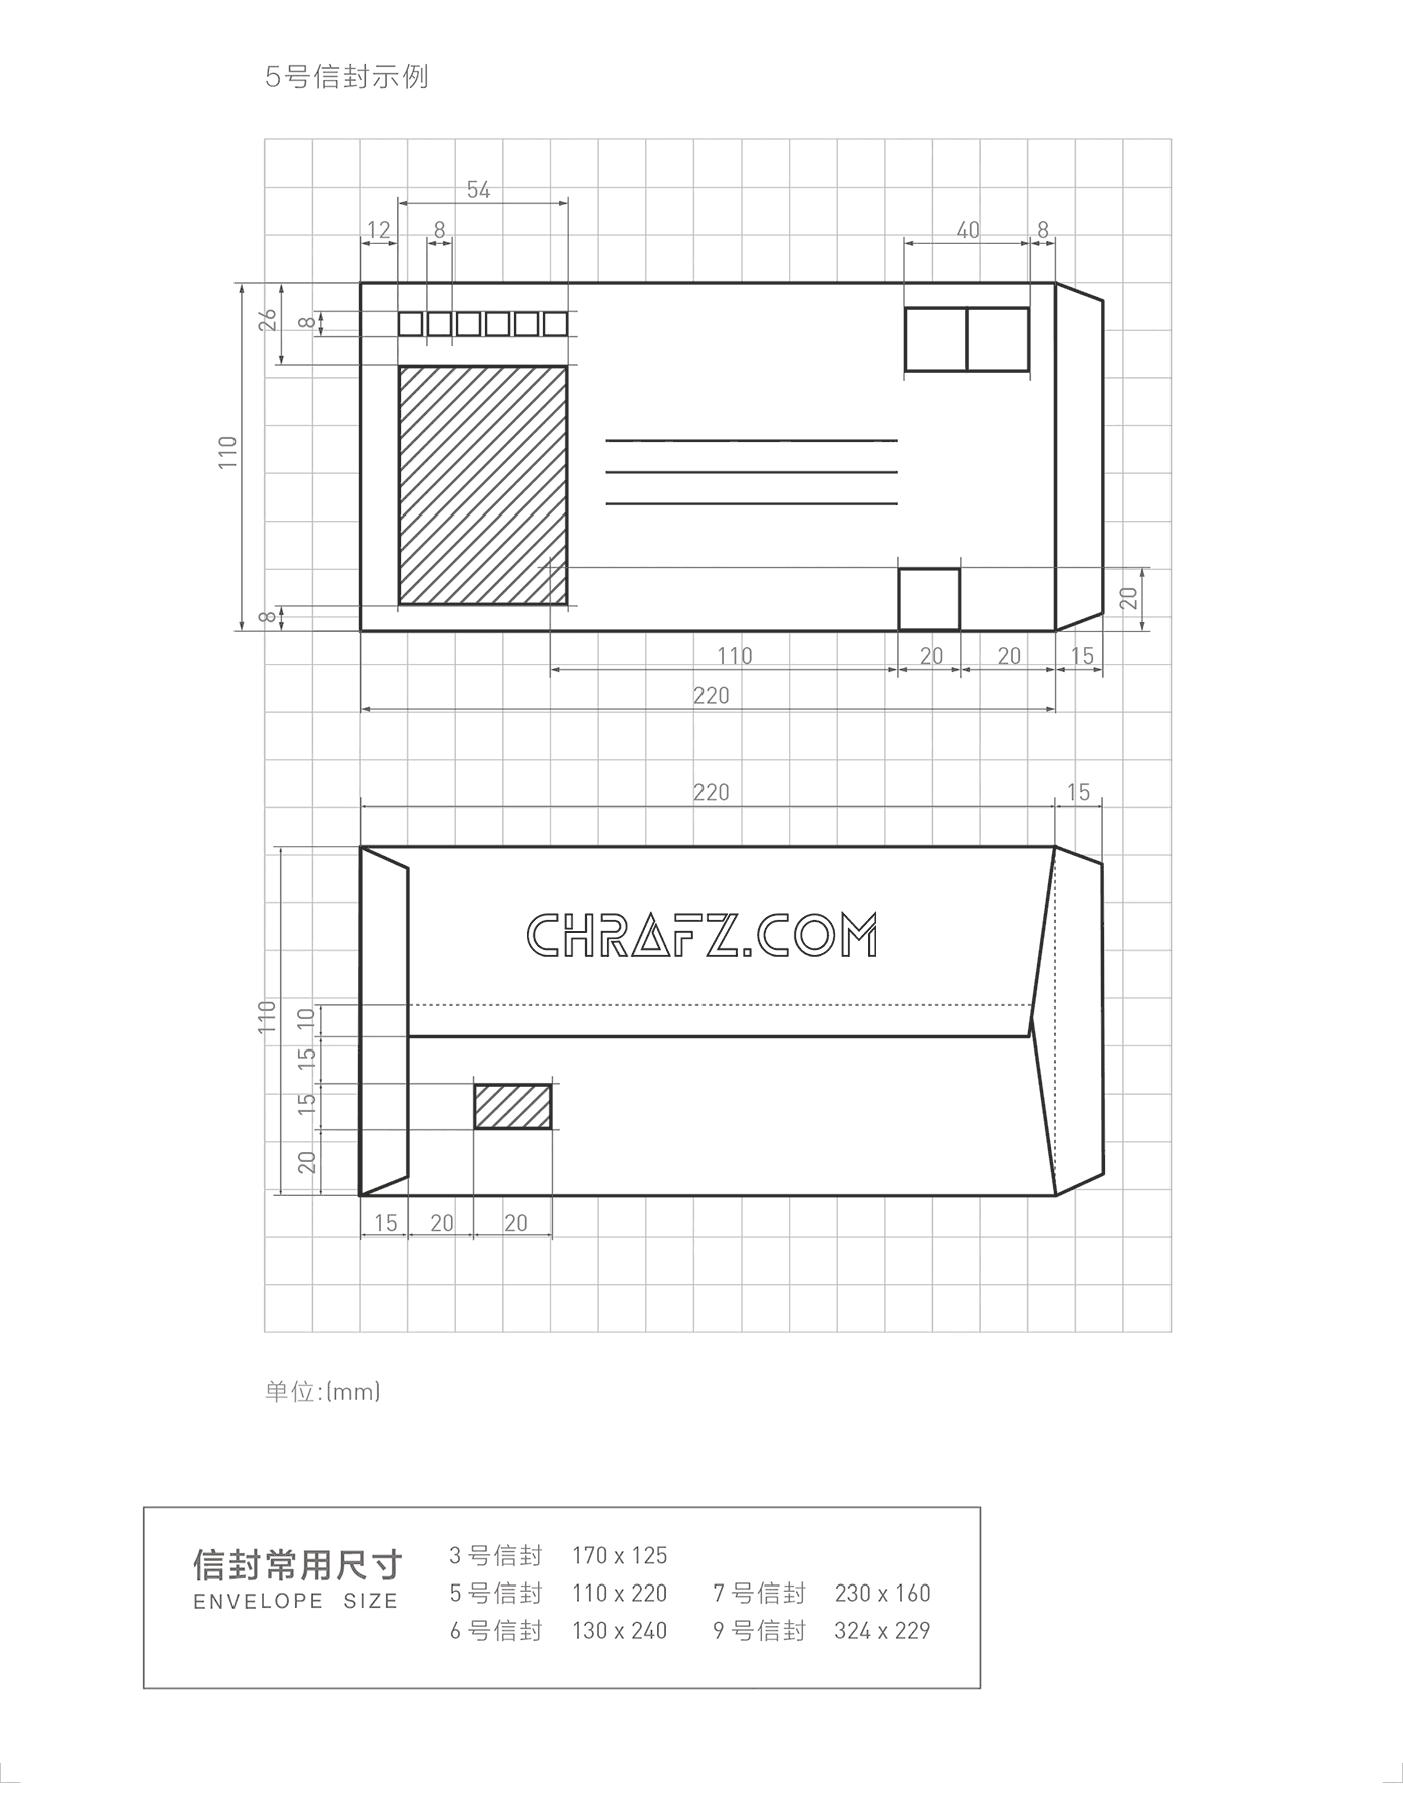 在设计中信封尺寸的规范-设计-张弦先生-chrafz.com